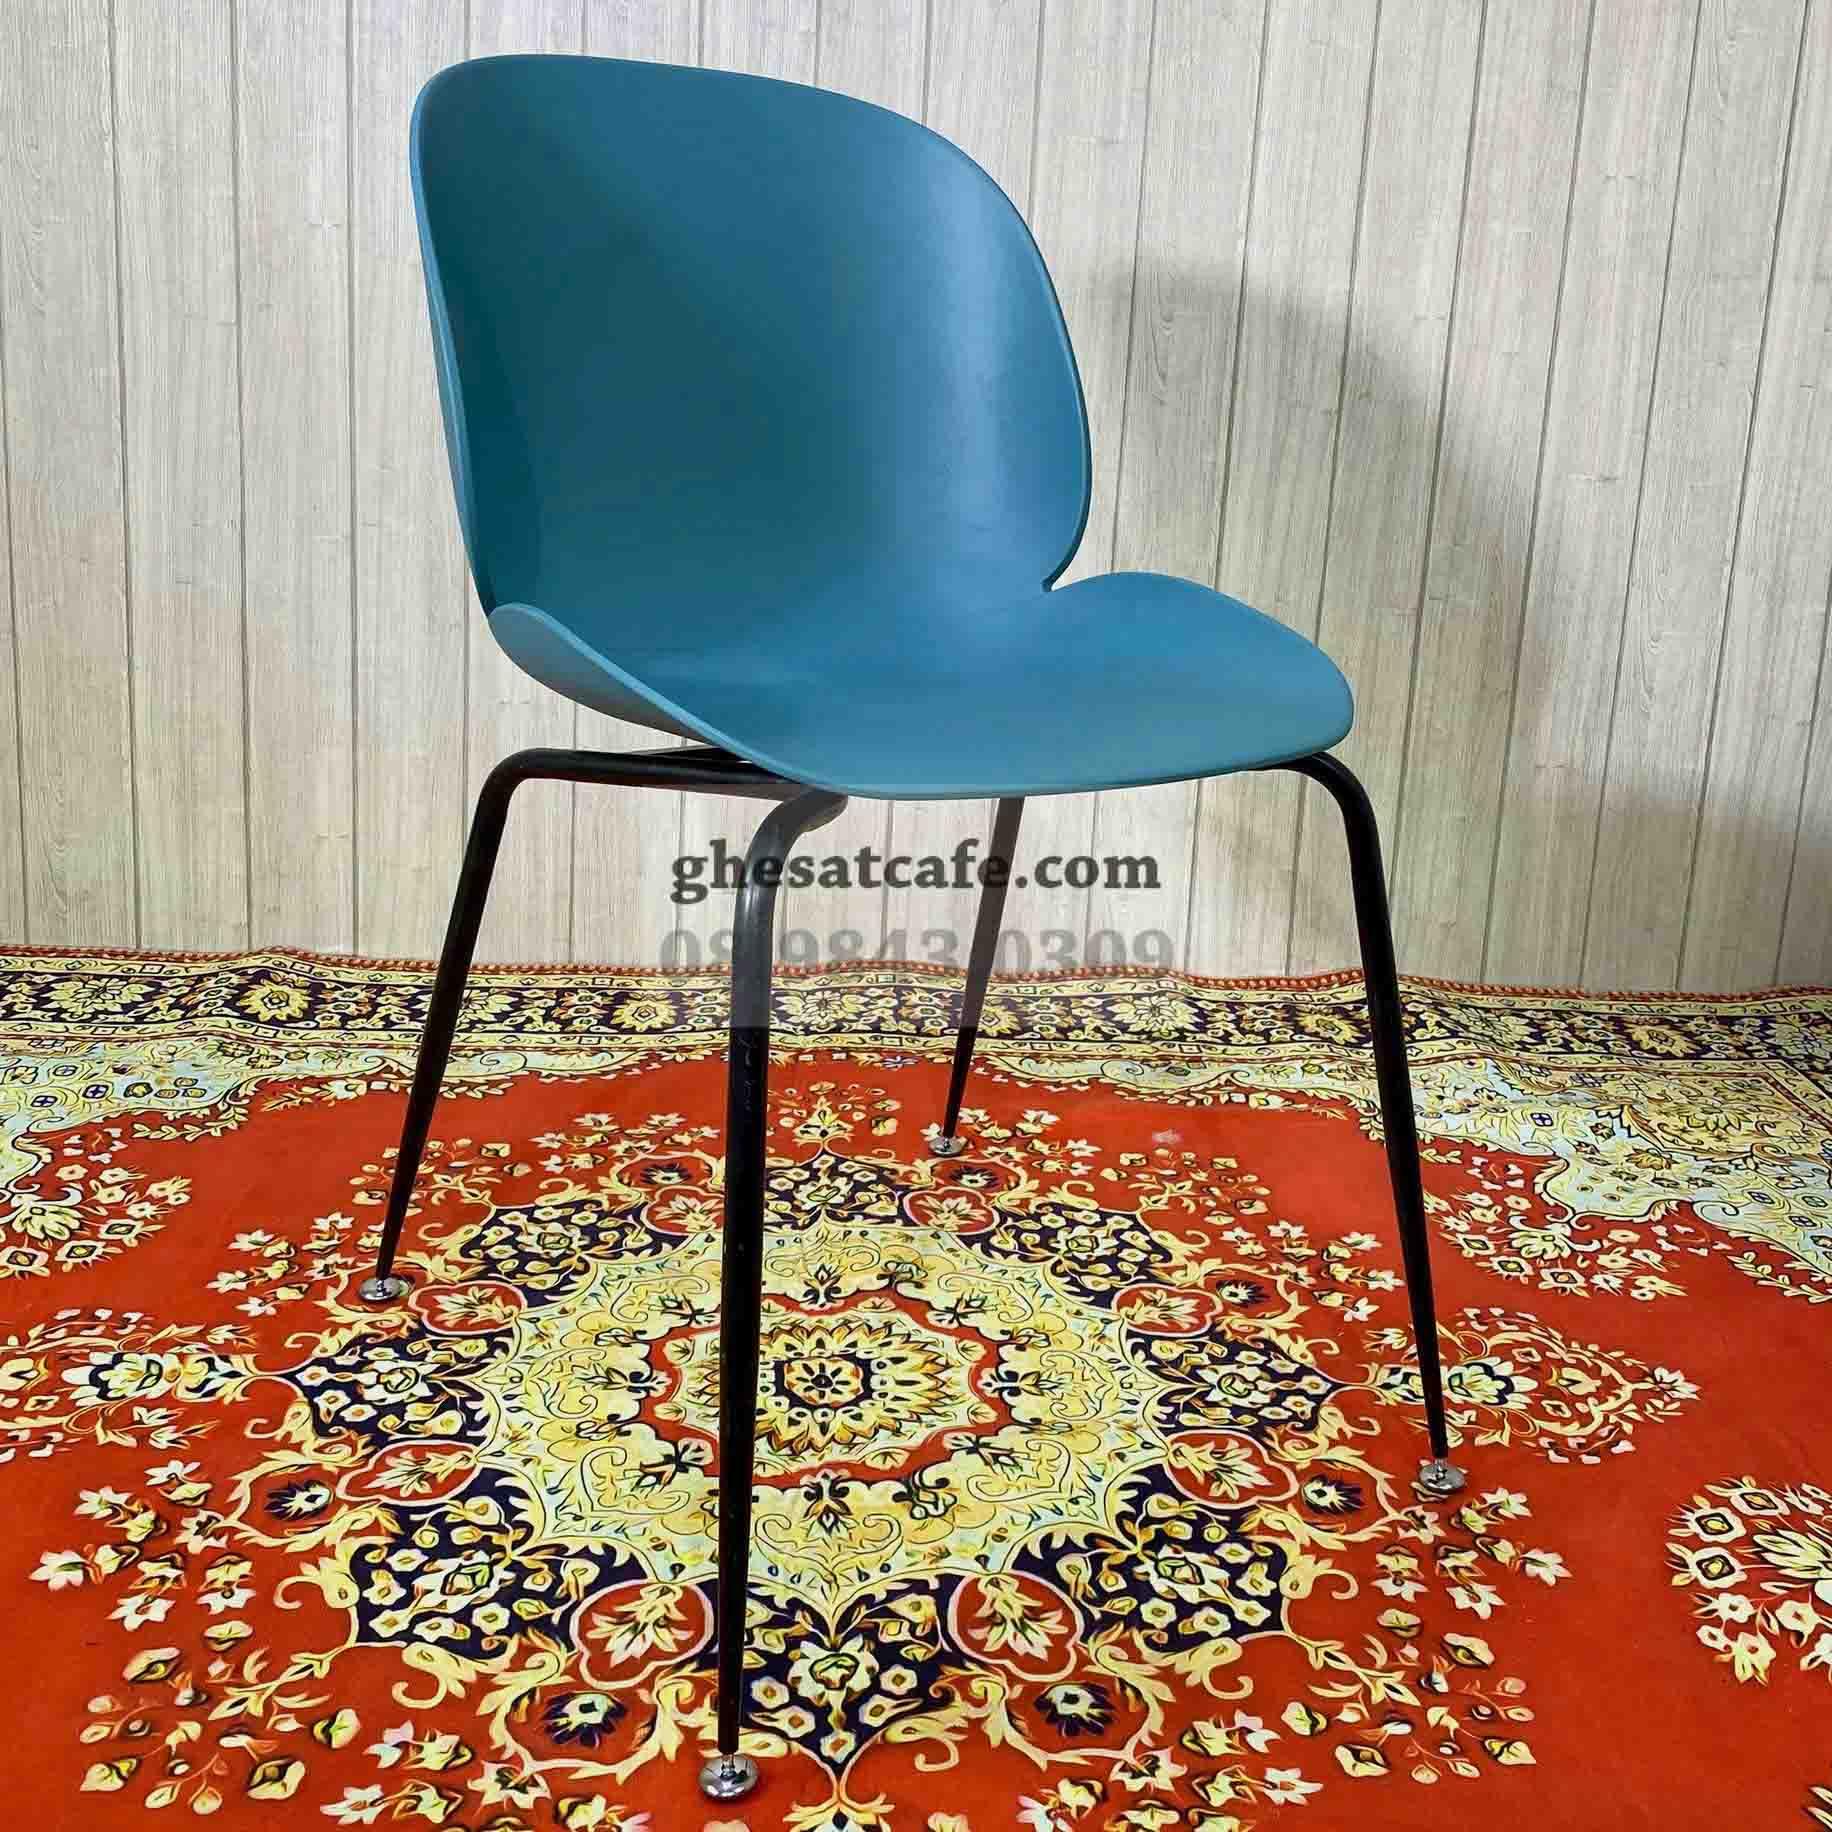 Các mẫu ghế Beetle thân nhựa đẹp (3)